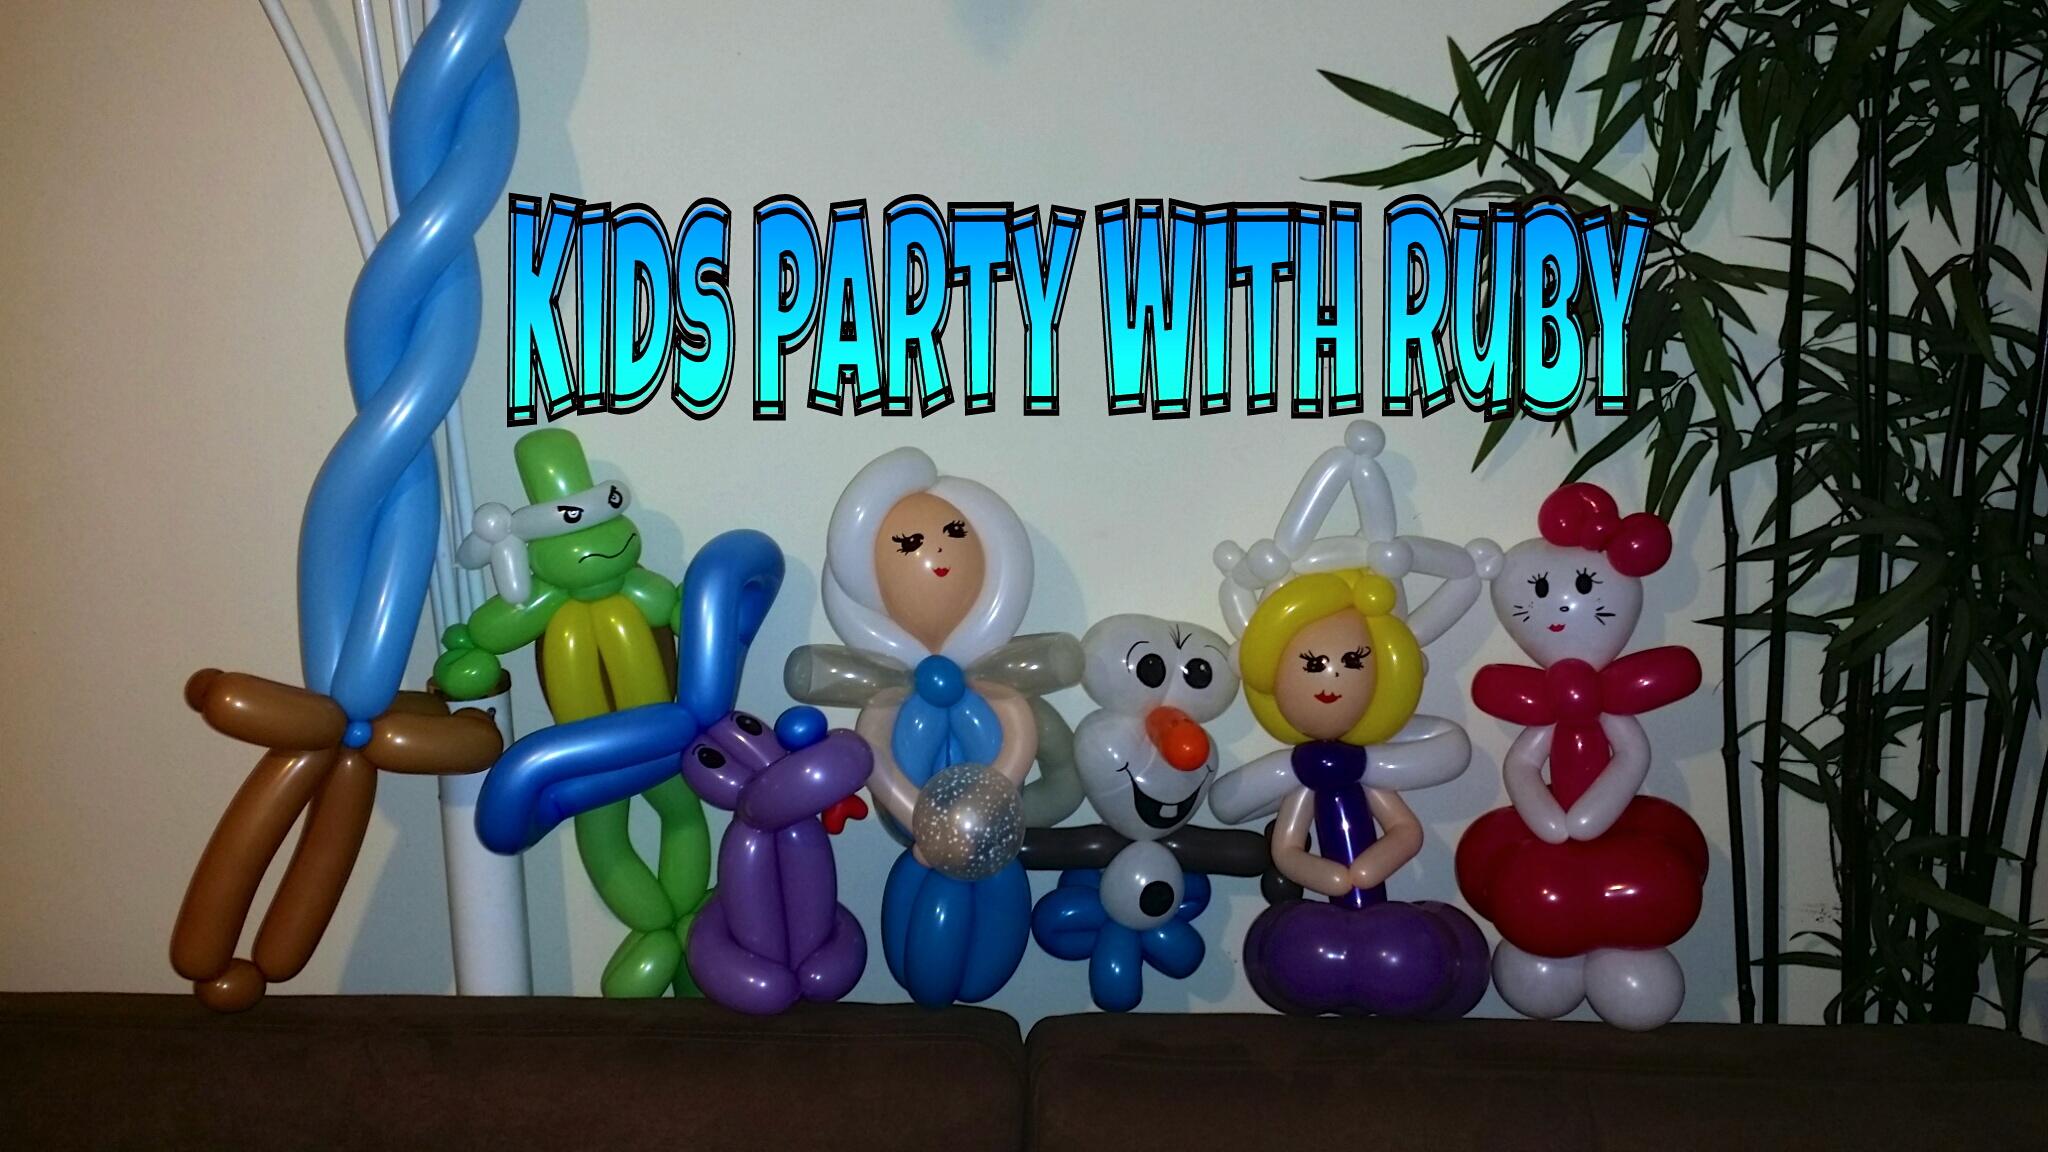 Kidspartywithruby.comJpeg106.jpeg